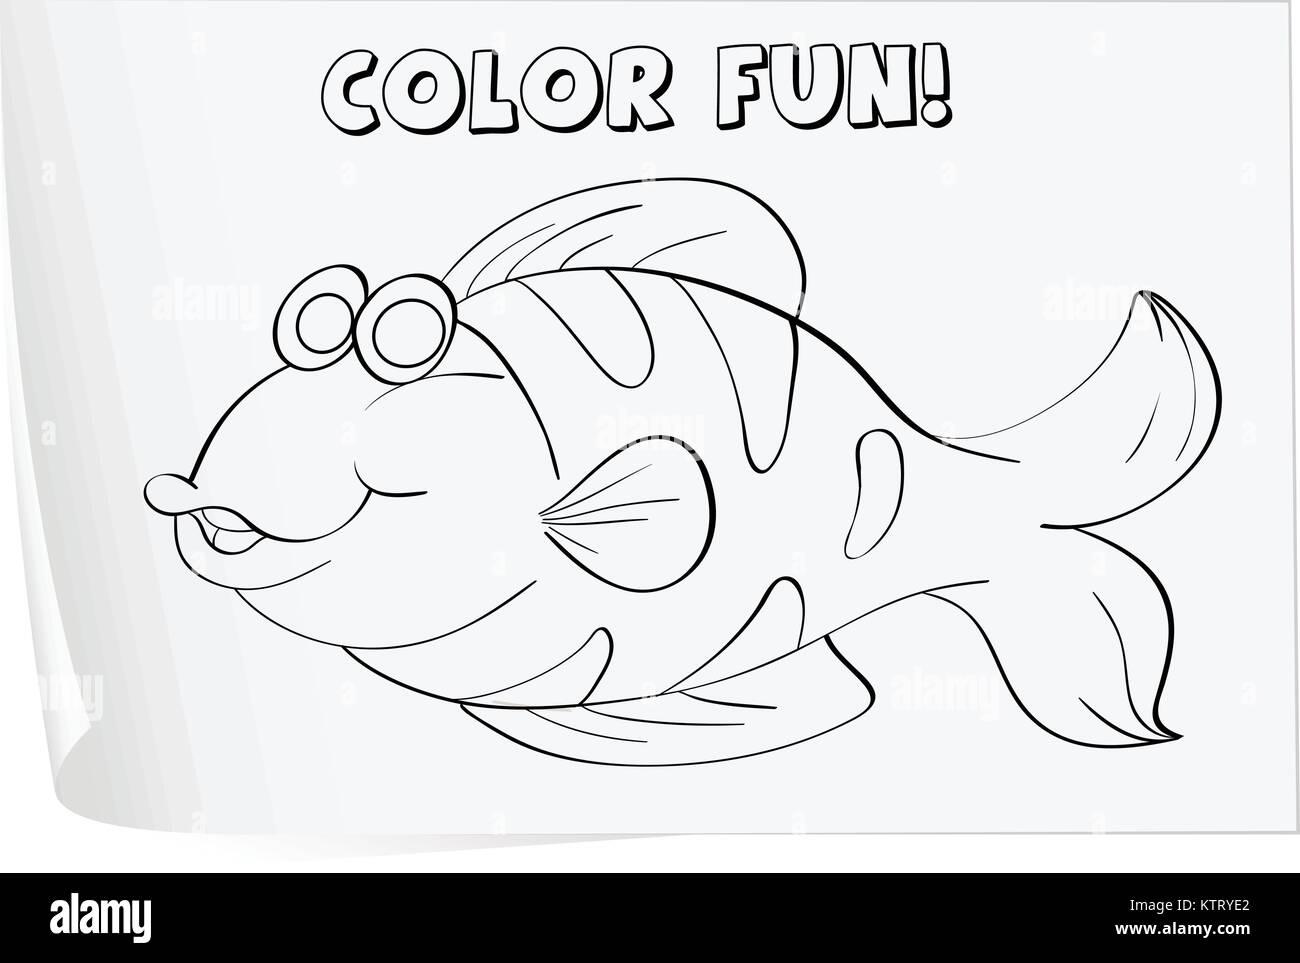 Tolle Fisch Färbung Spiele Fotos - Druckbare Malvorlagen - amaichi.info